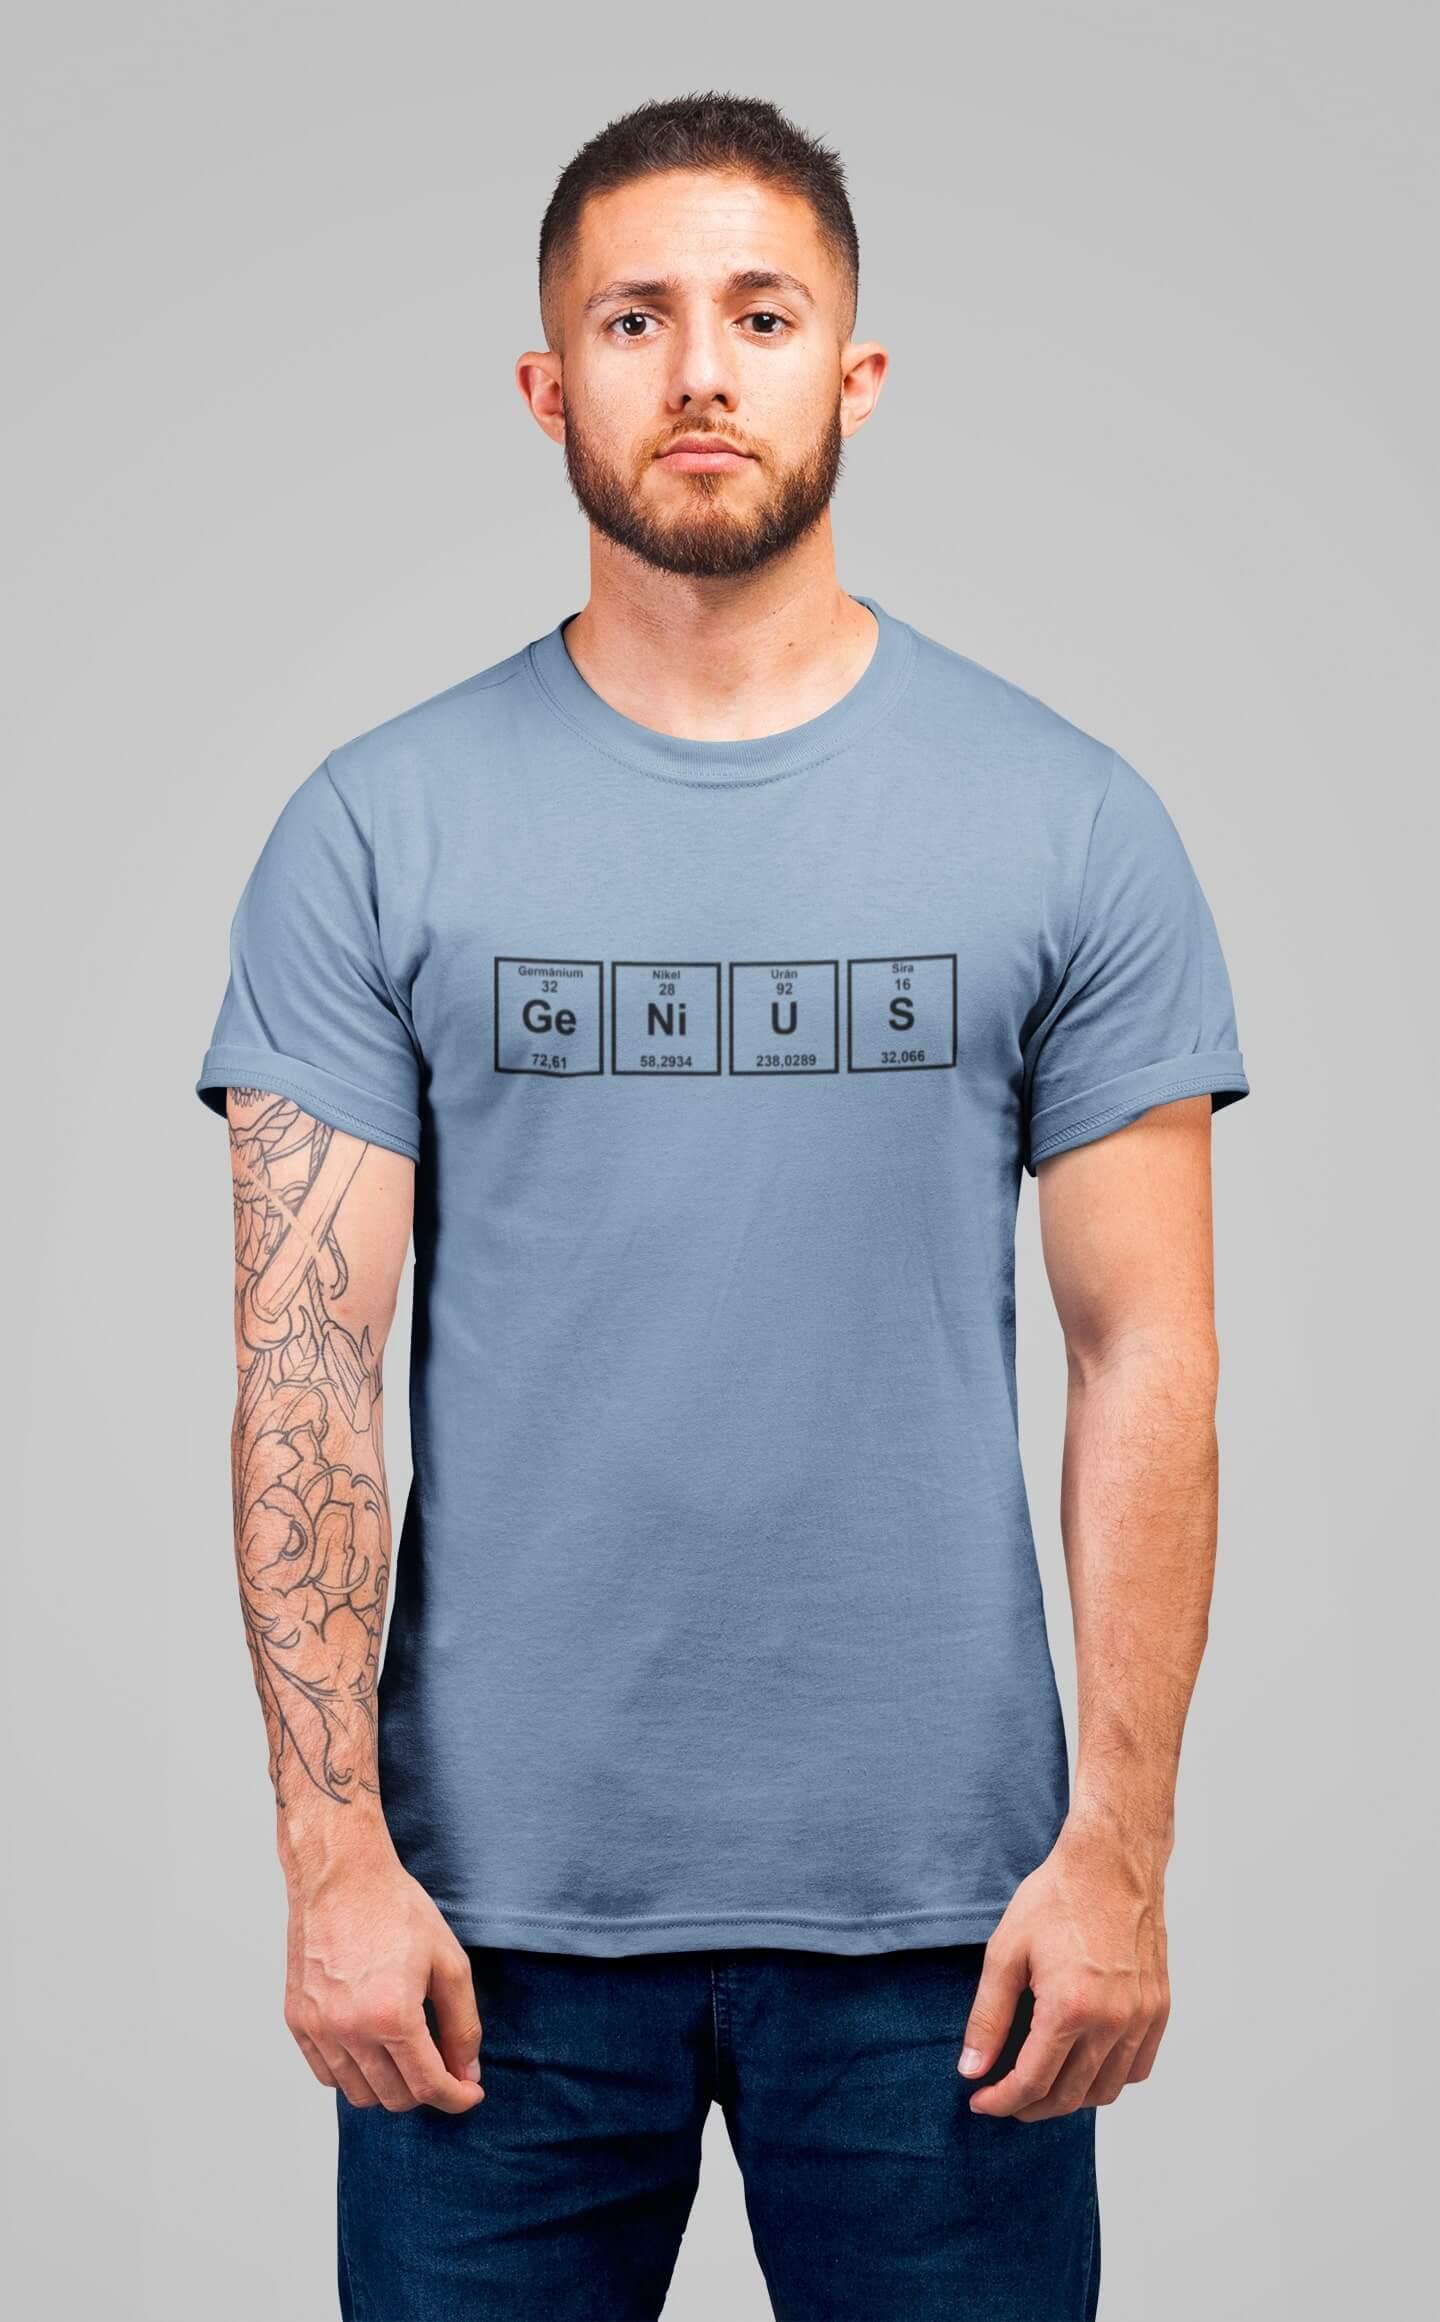 MMO Pánske tričko Genius Vyberte farbu: Nebeská modrá, Vyberte veľkosť: XS